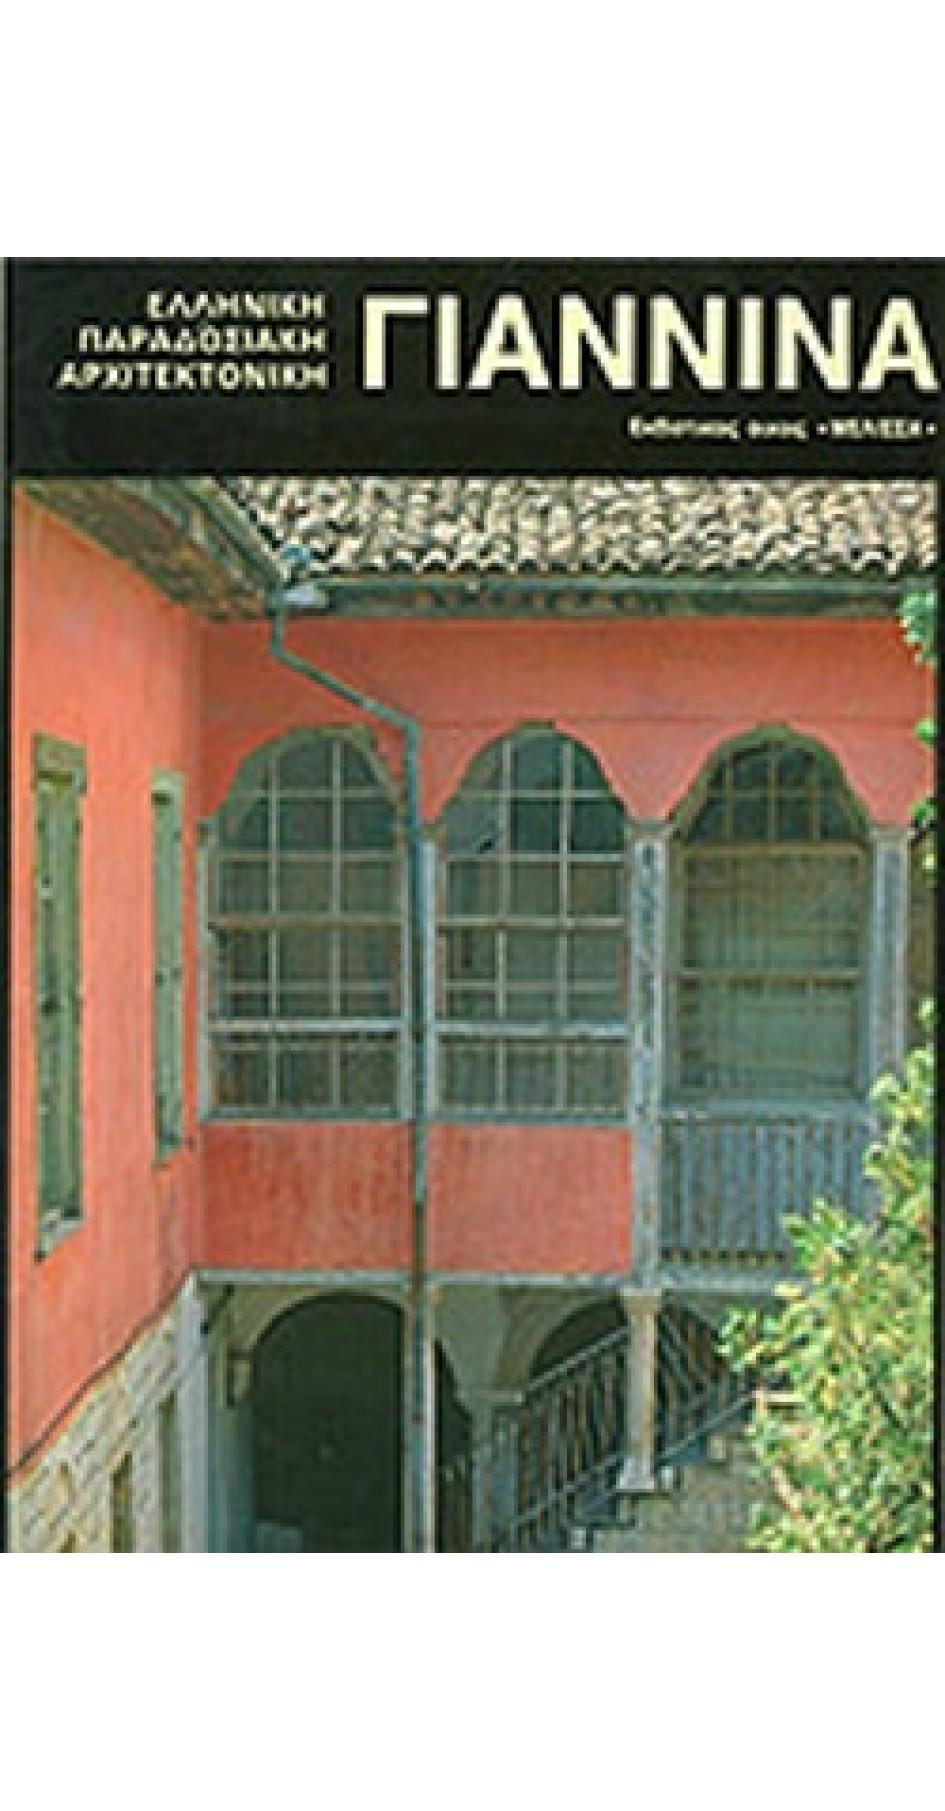 Γιάννινα Παραδοσιακή Αρχιτεκτονική (book in Greek)